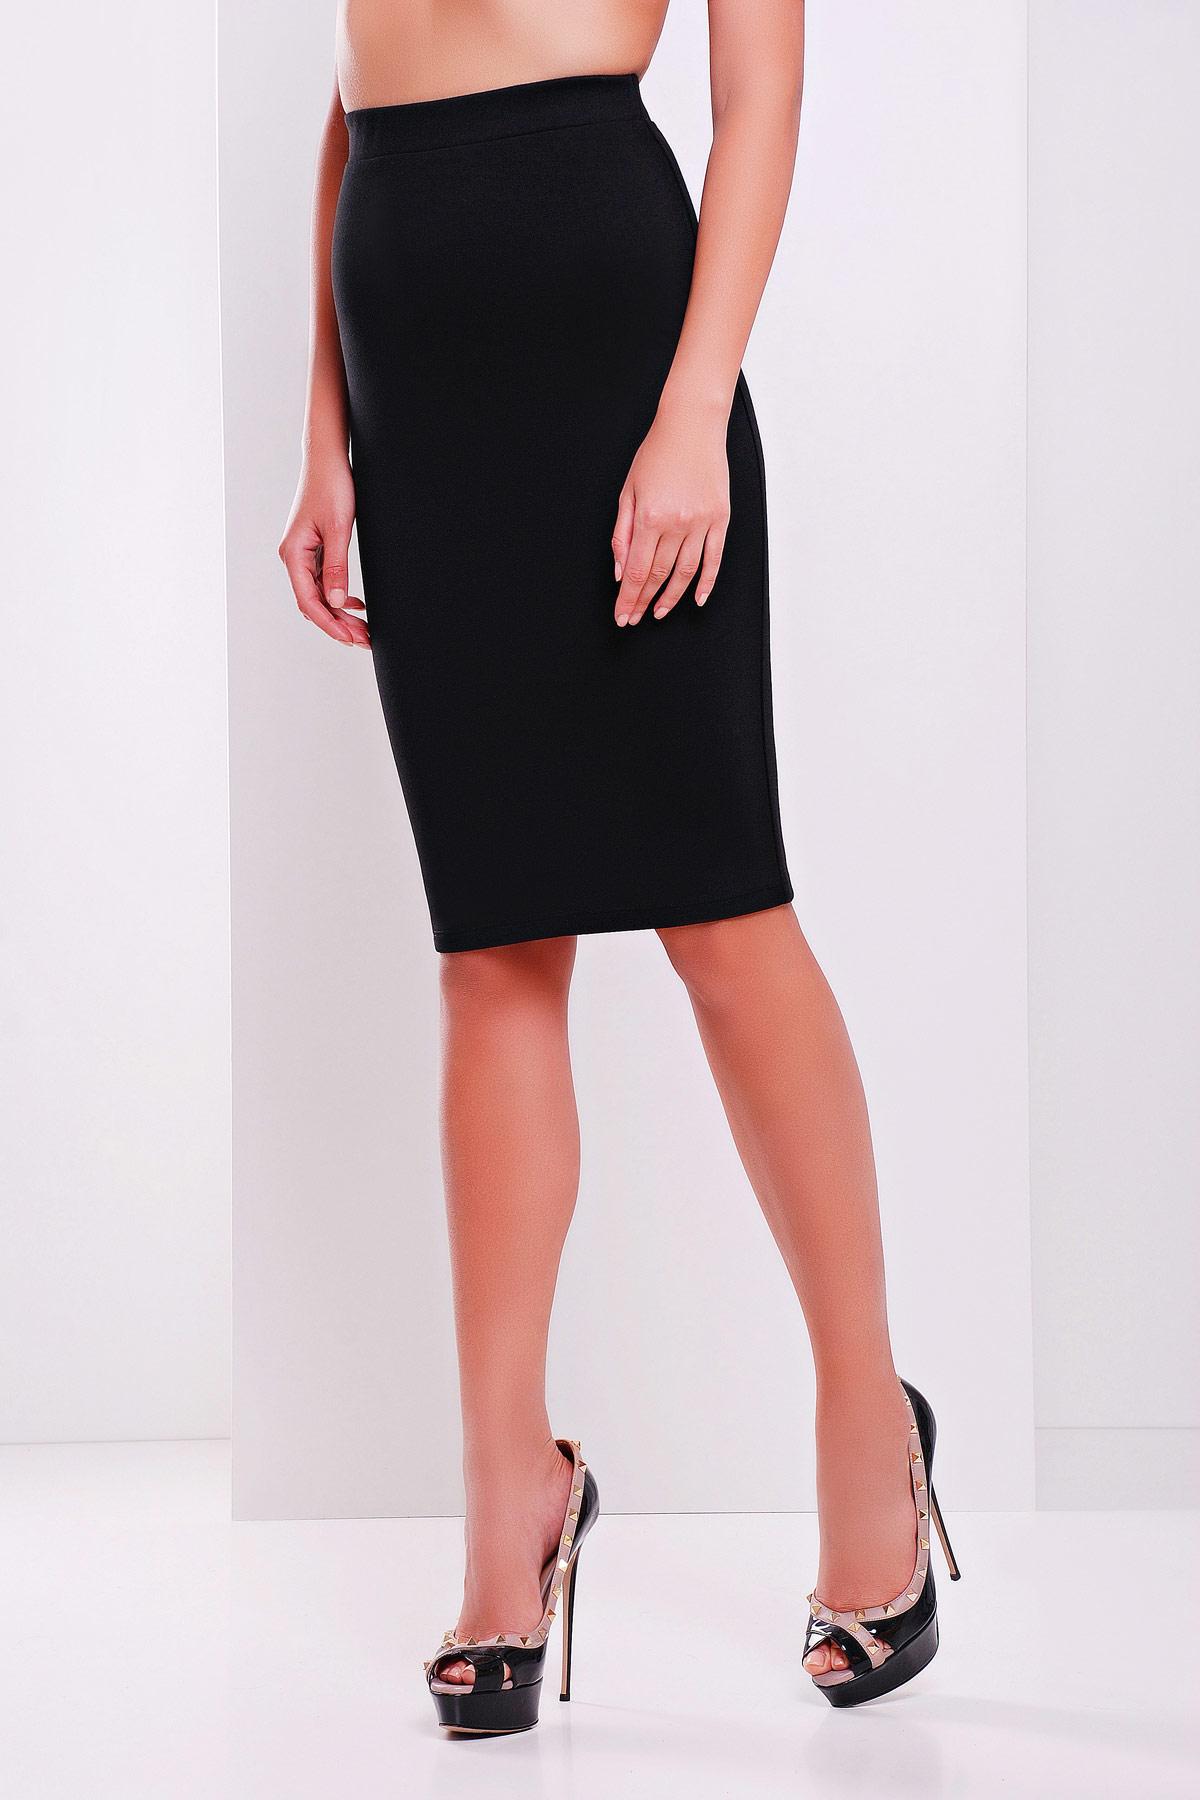 черная юбка-карандаш до колена. юбка мод. №20. Цвет: черный